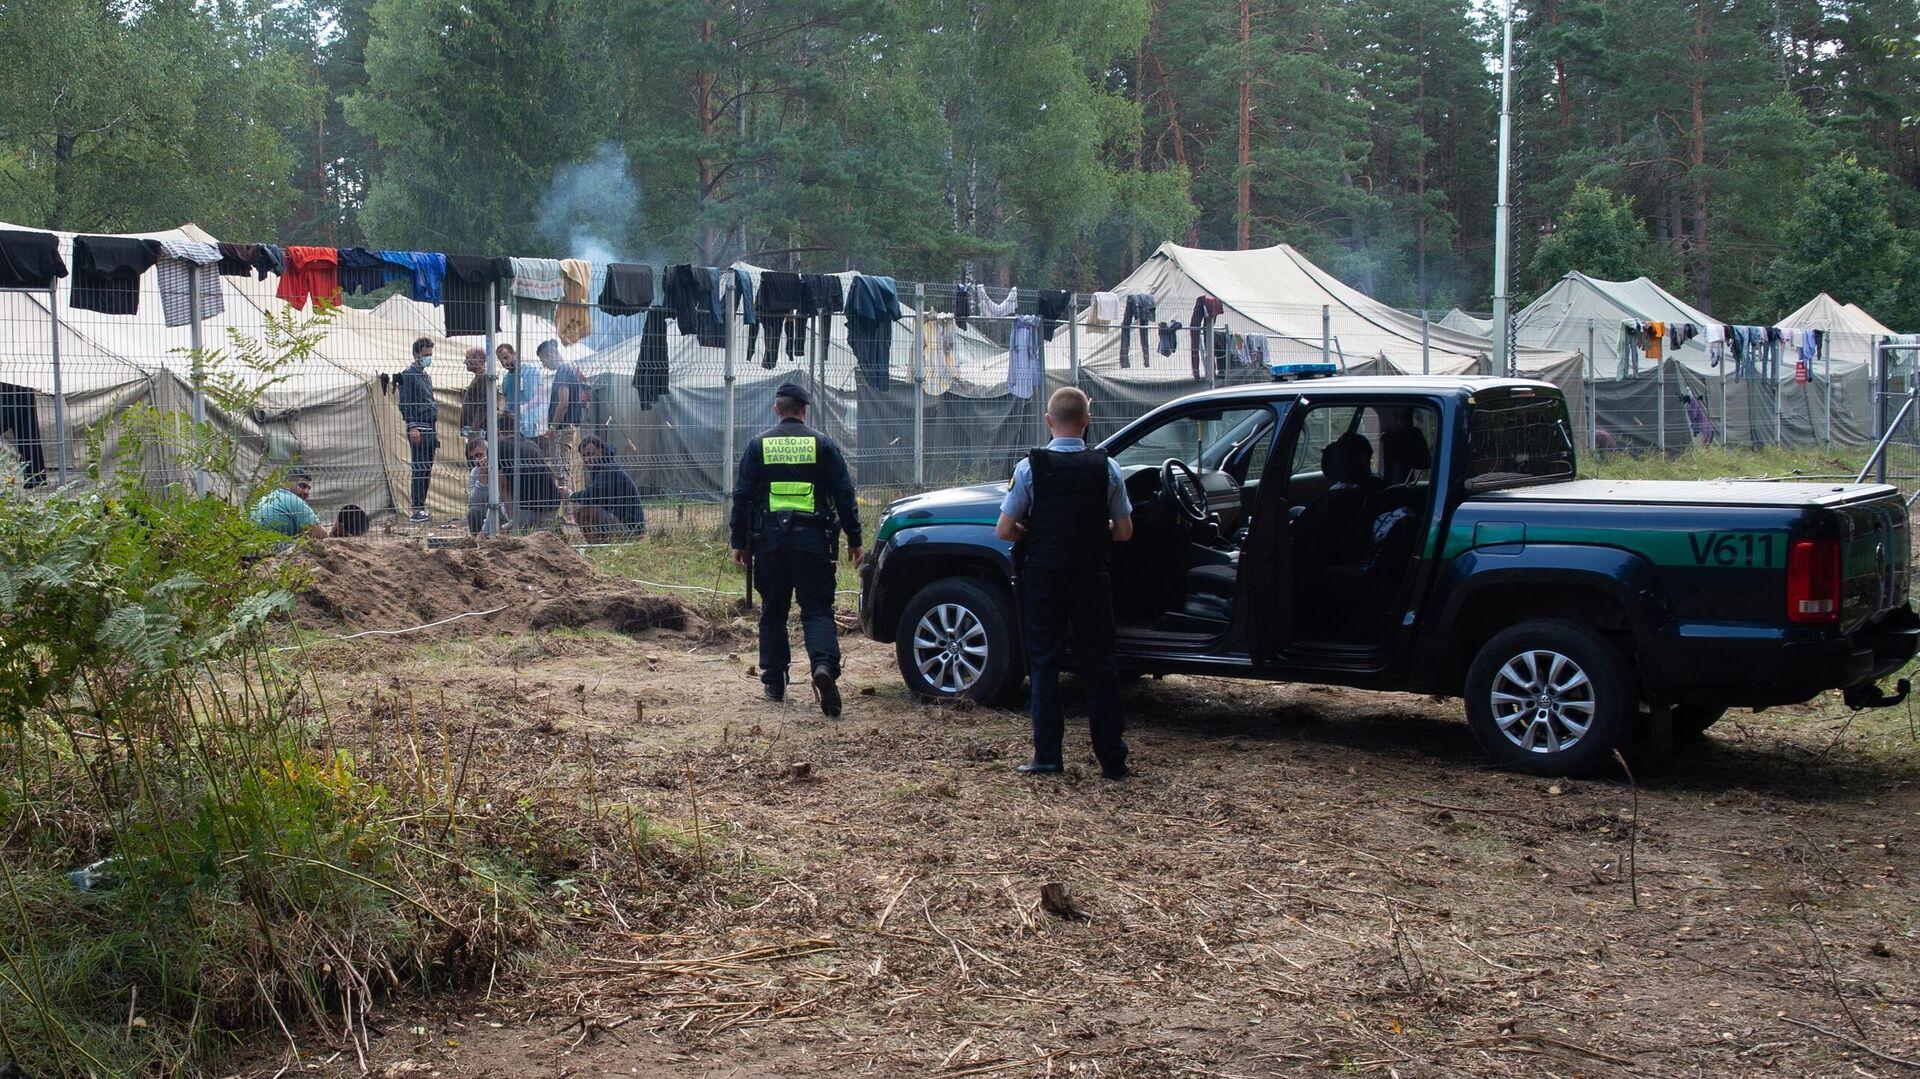 Полицейские возле лагеря мигрантов на литовско-белорусской границе - РИА Новости, 1920, 26.09.2021